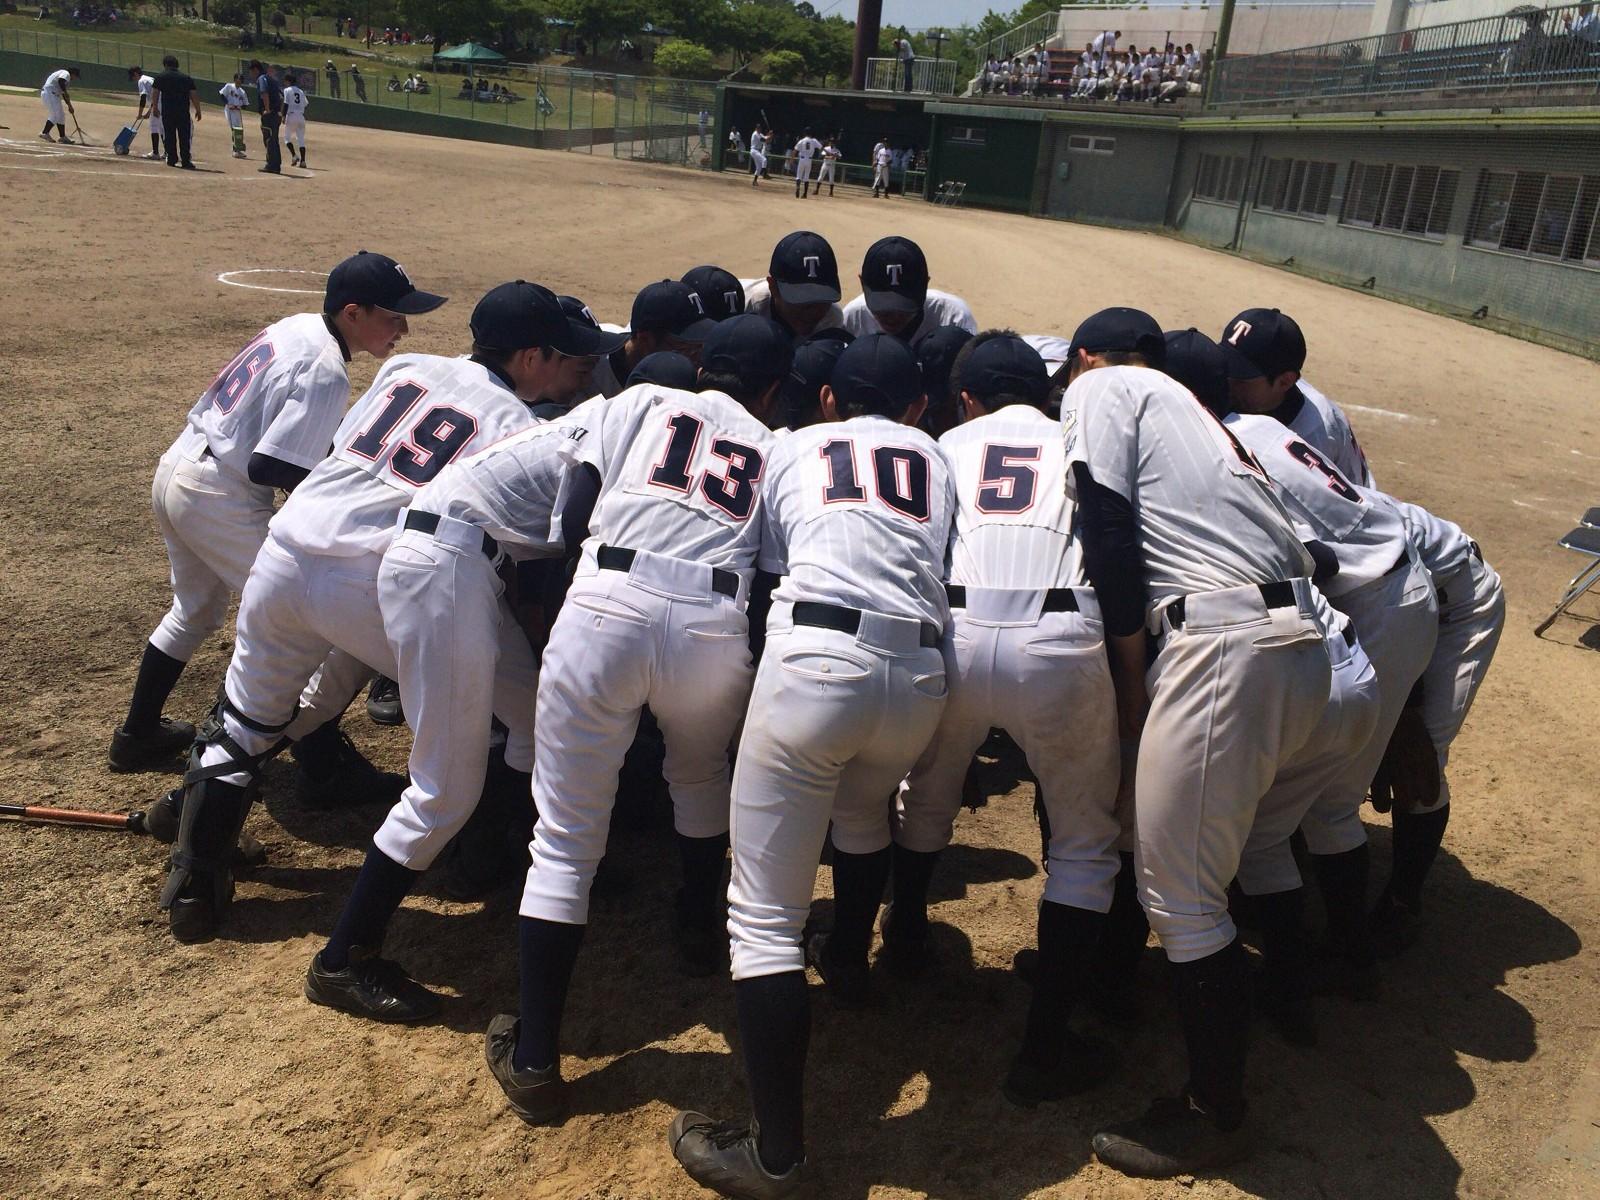 第19回土浦中央ロータリークラブ旗争奪リトルシニア野球大会 1回戦 勝田リトルシニア戦